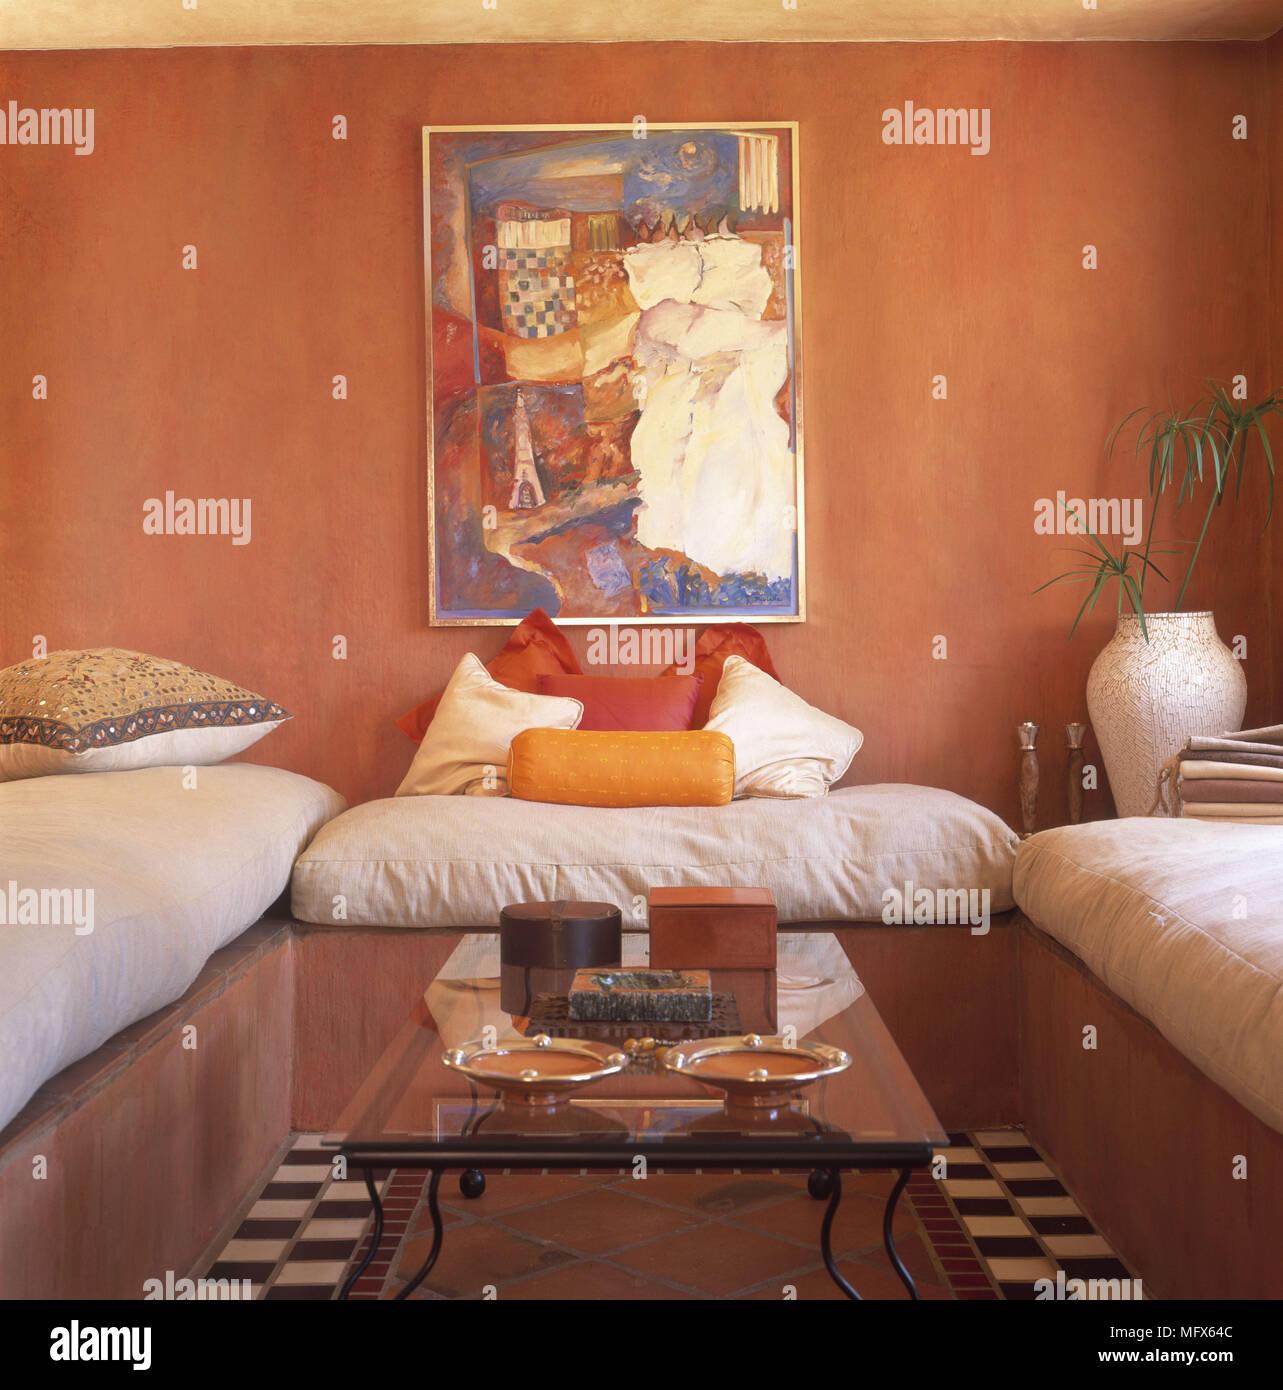 ethnische gestalteten orange wohnzimmer mit polster sitze um glas